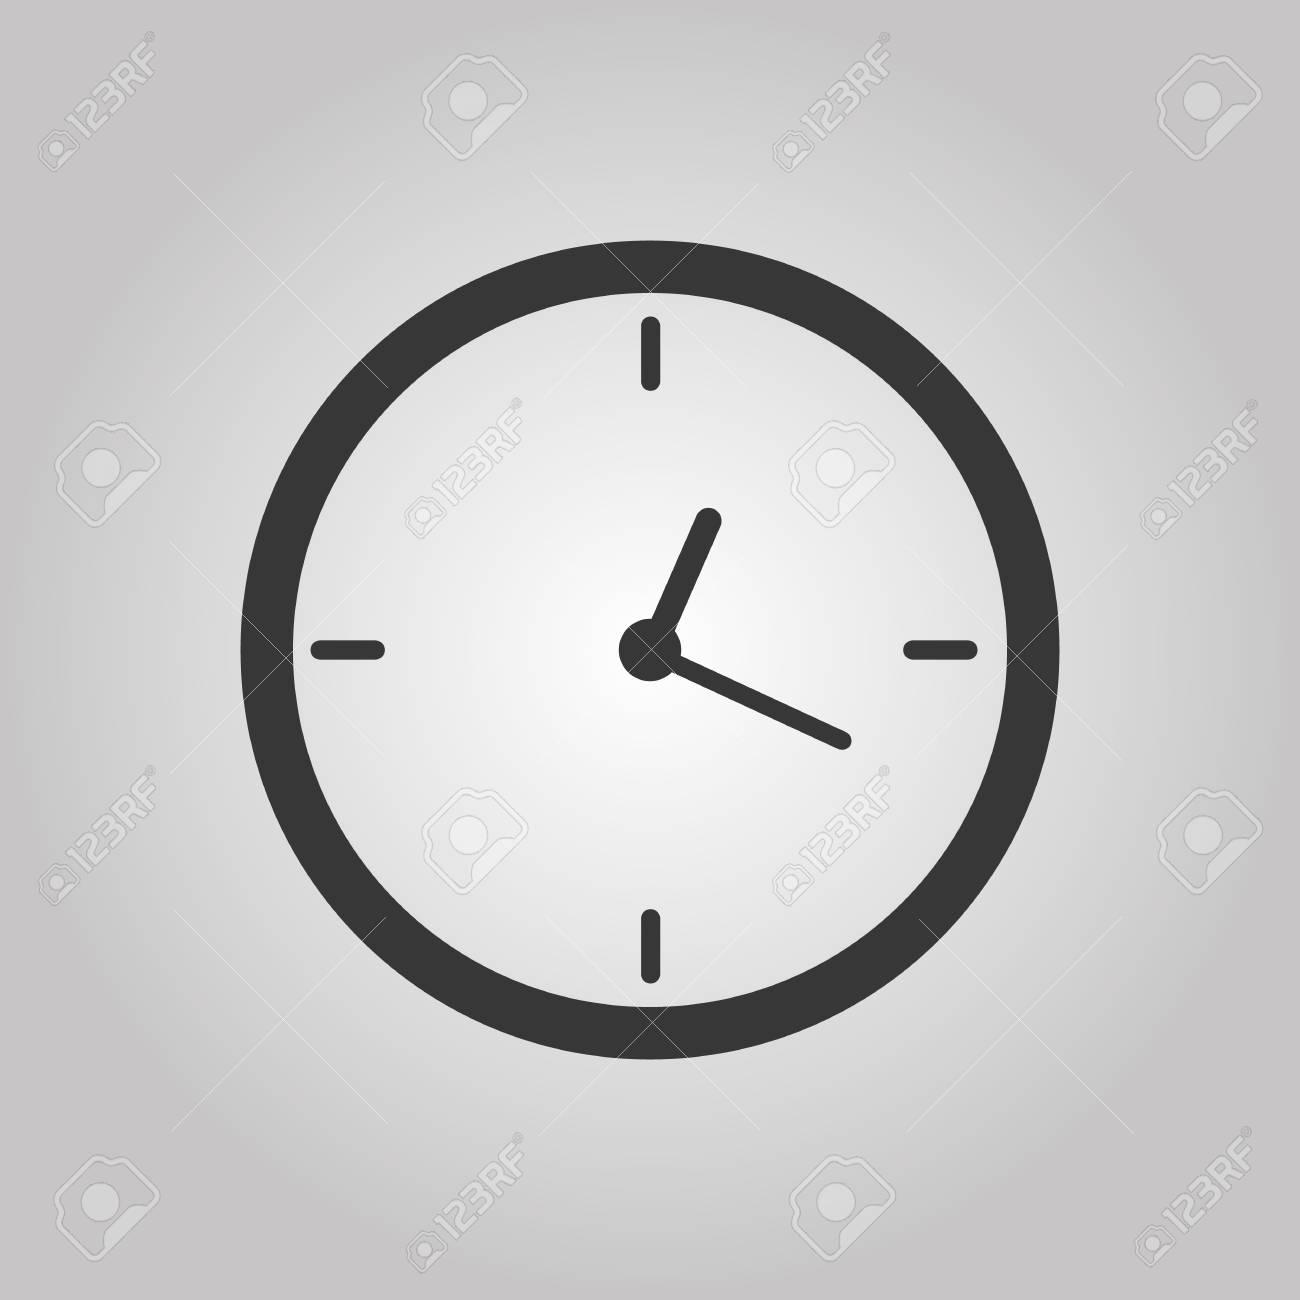 Office clock Vector illustration Eps 10 - 126720822